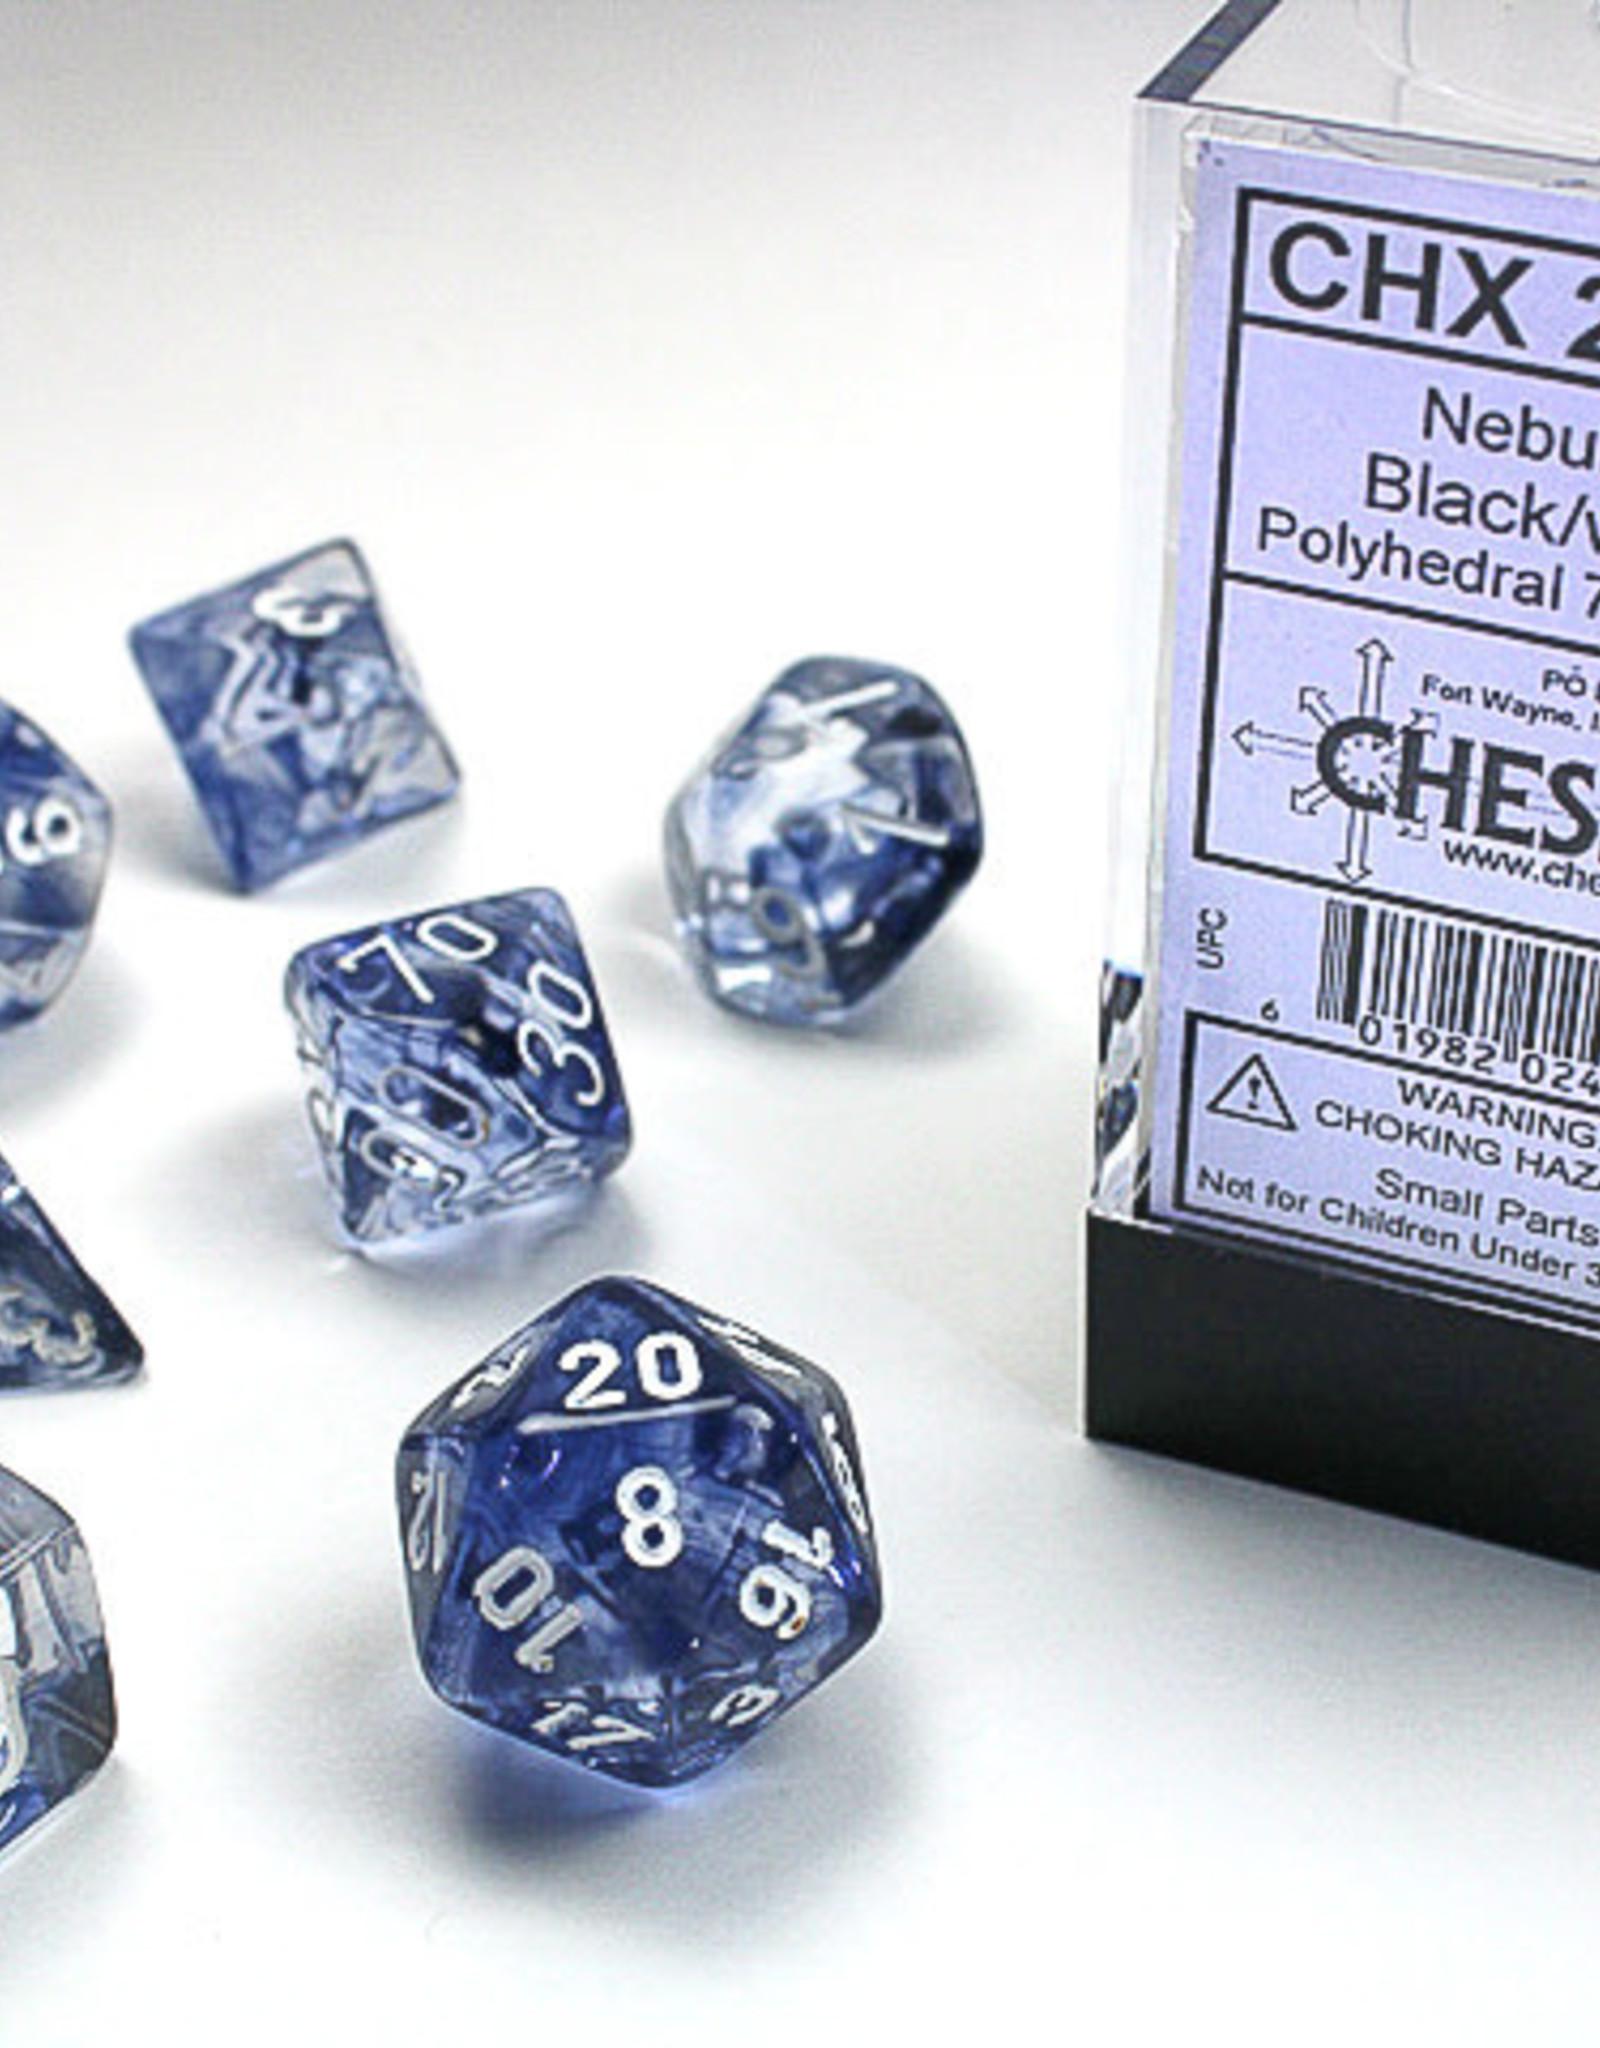 Chessex Dice Block 7ct. - Nebula Black/White